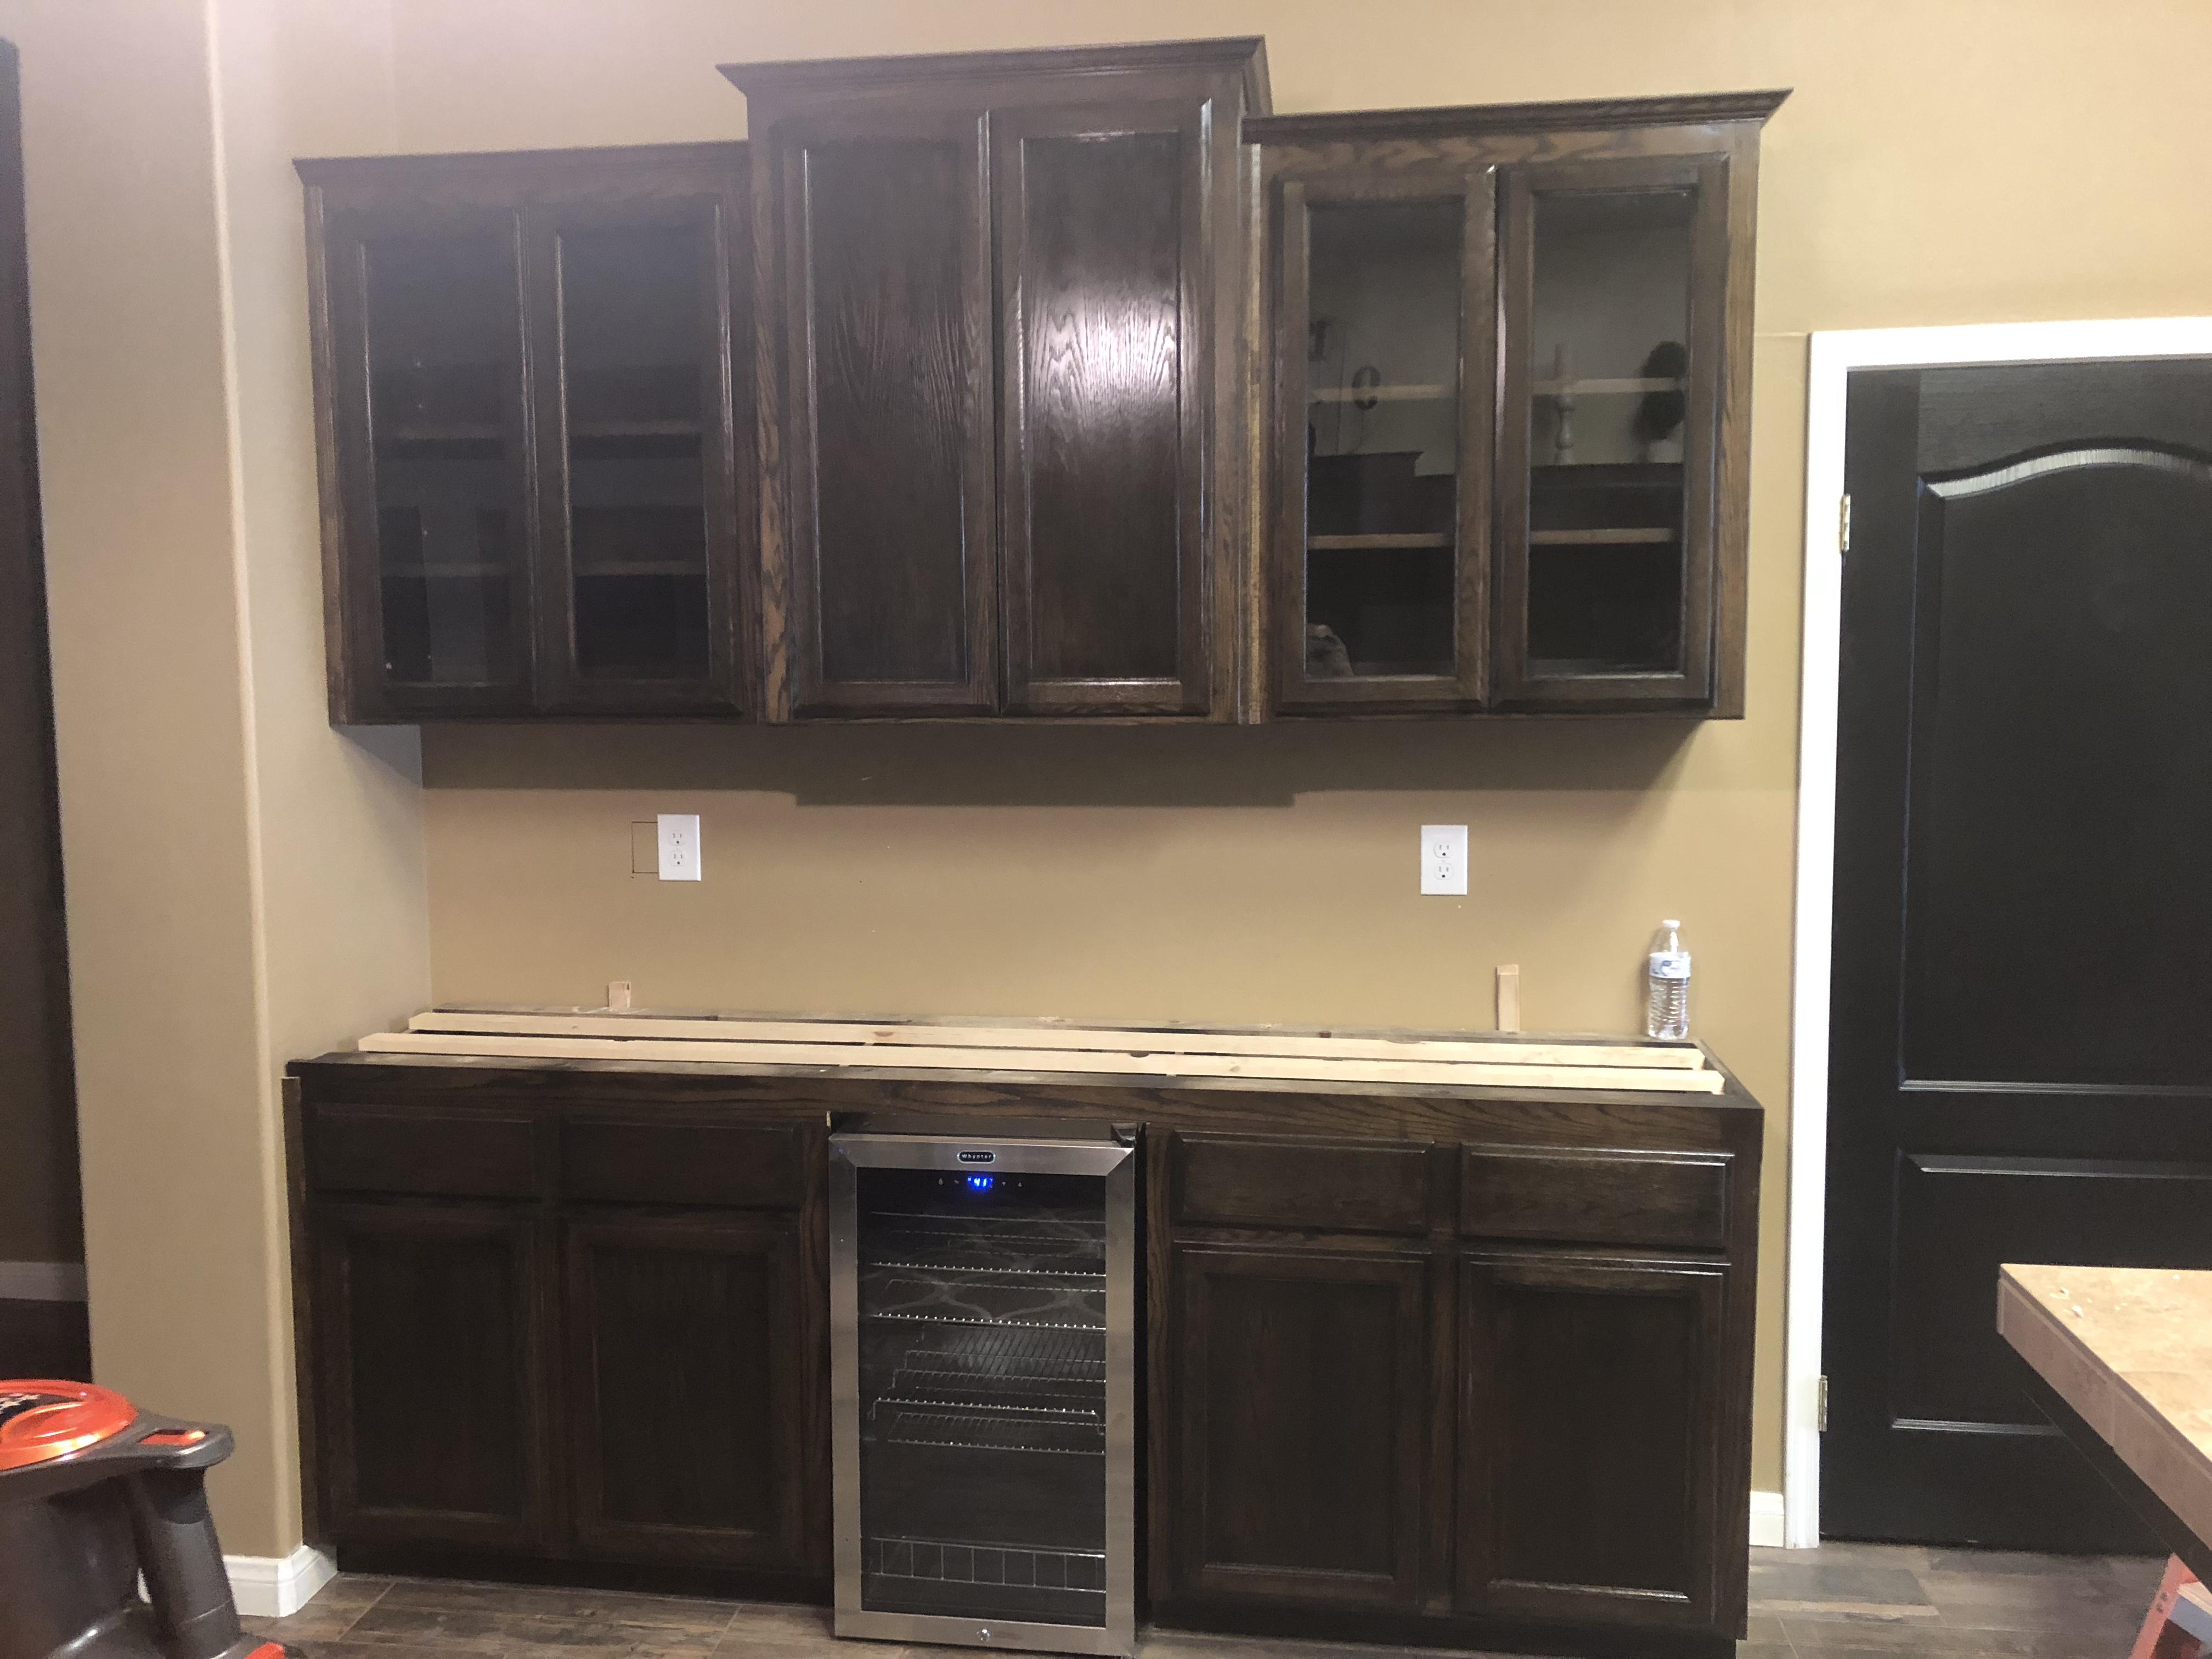 Oscar S Cabinets 217 Mount Vernon Suite 20 Bakersfield Ca 93307 Yp